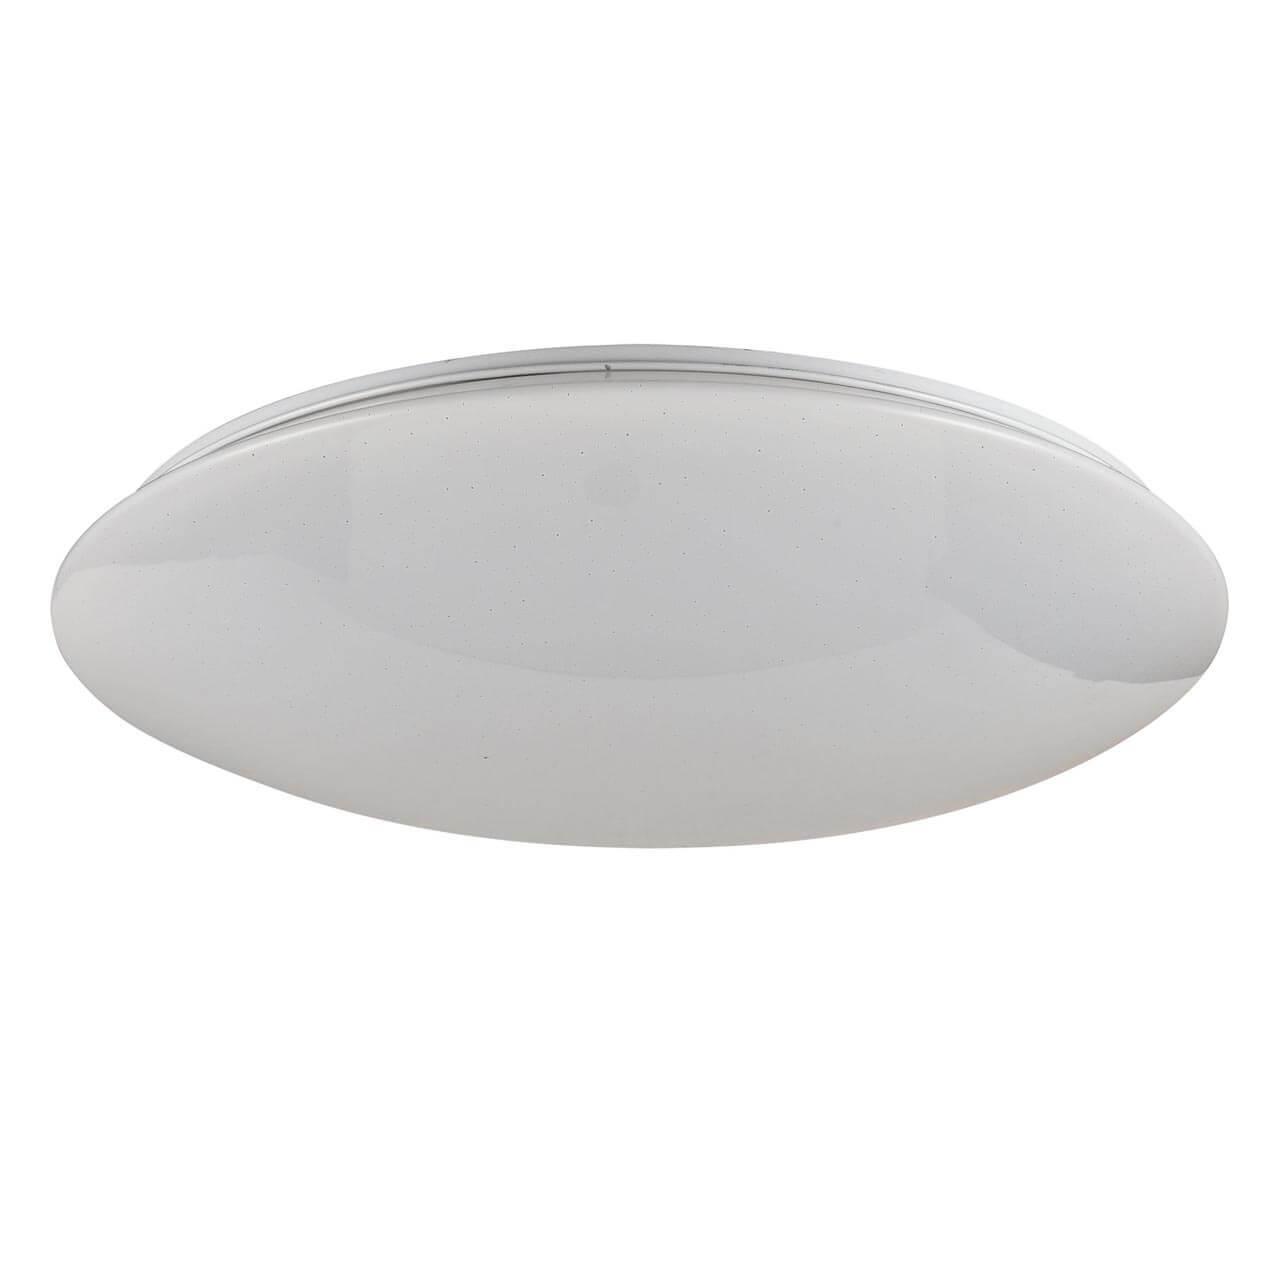 Потолочный светодиодный светильник Freya Gloria FR6999-CL-30-W freya fr6999 cl 45 w